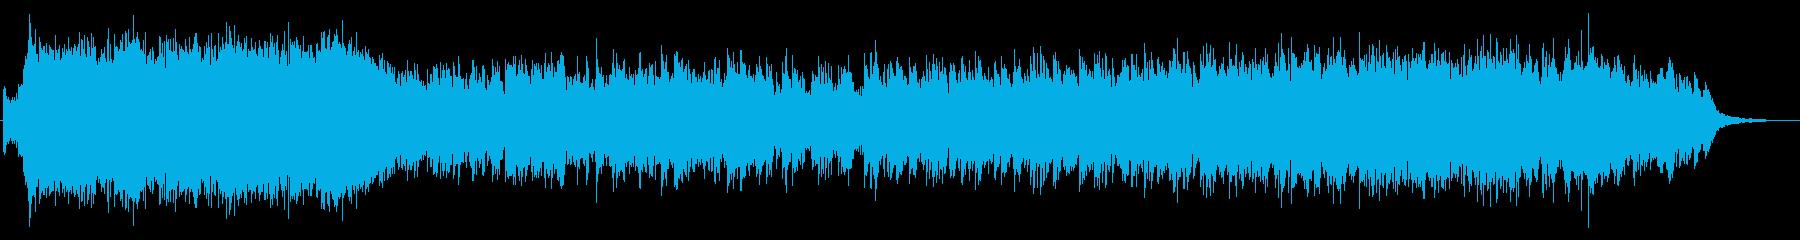 感動的な場面に似合うピアノコンチェルトの再生済みの波形